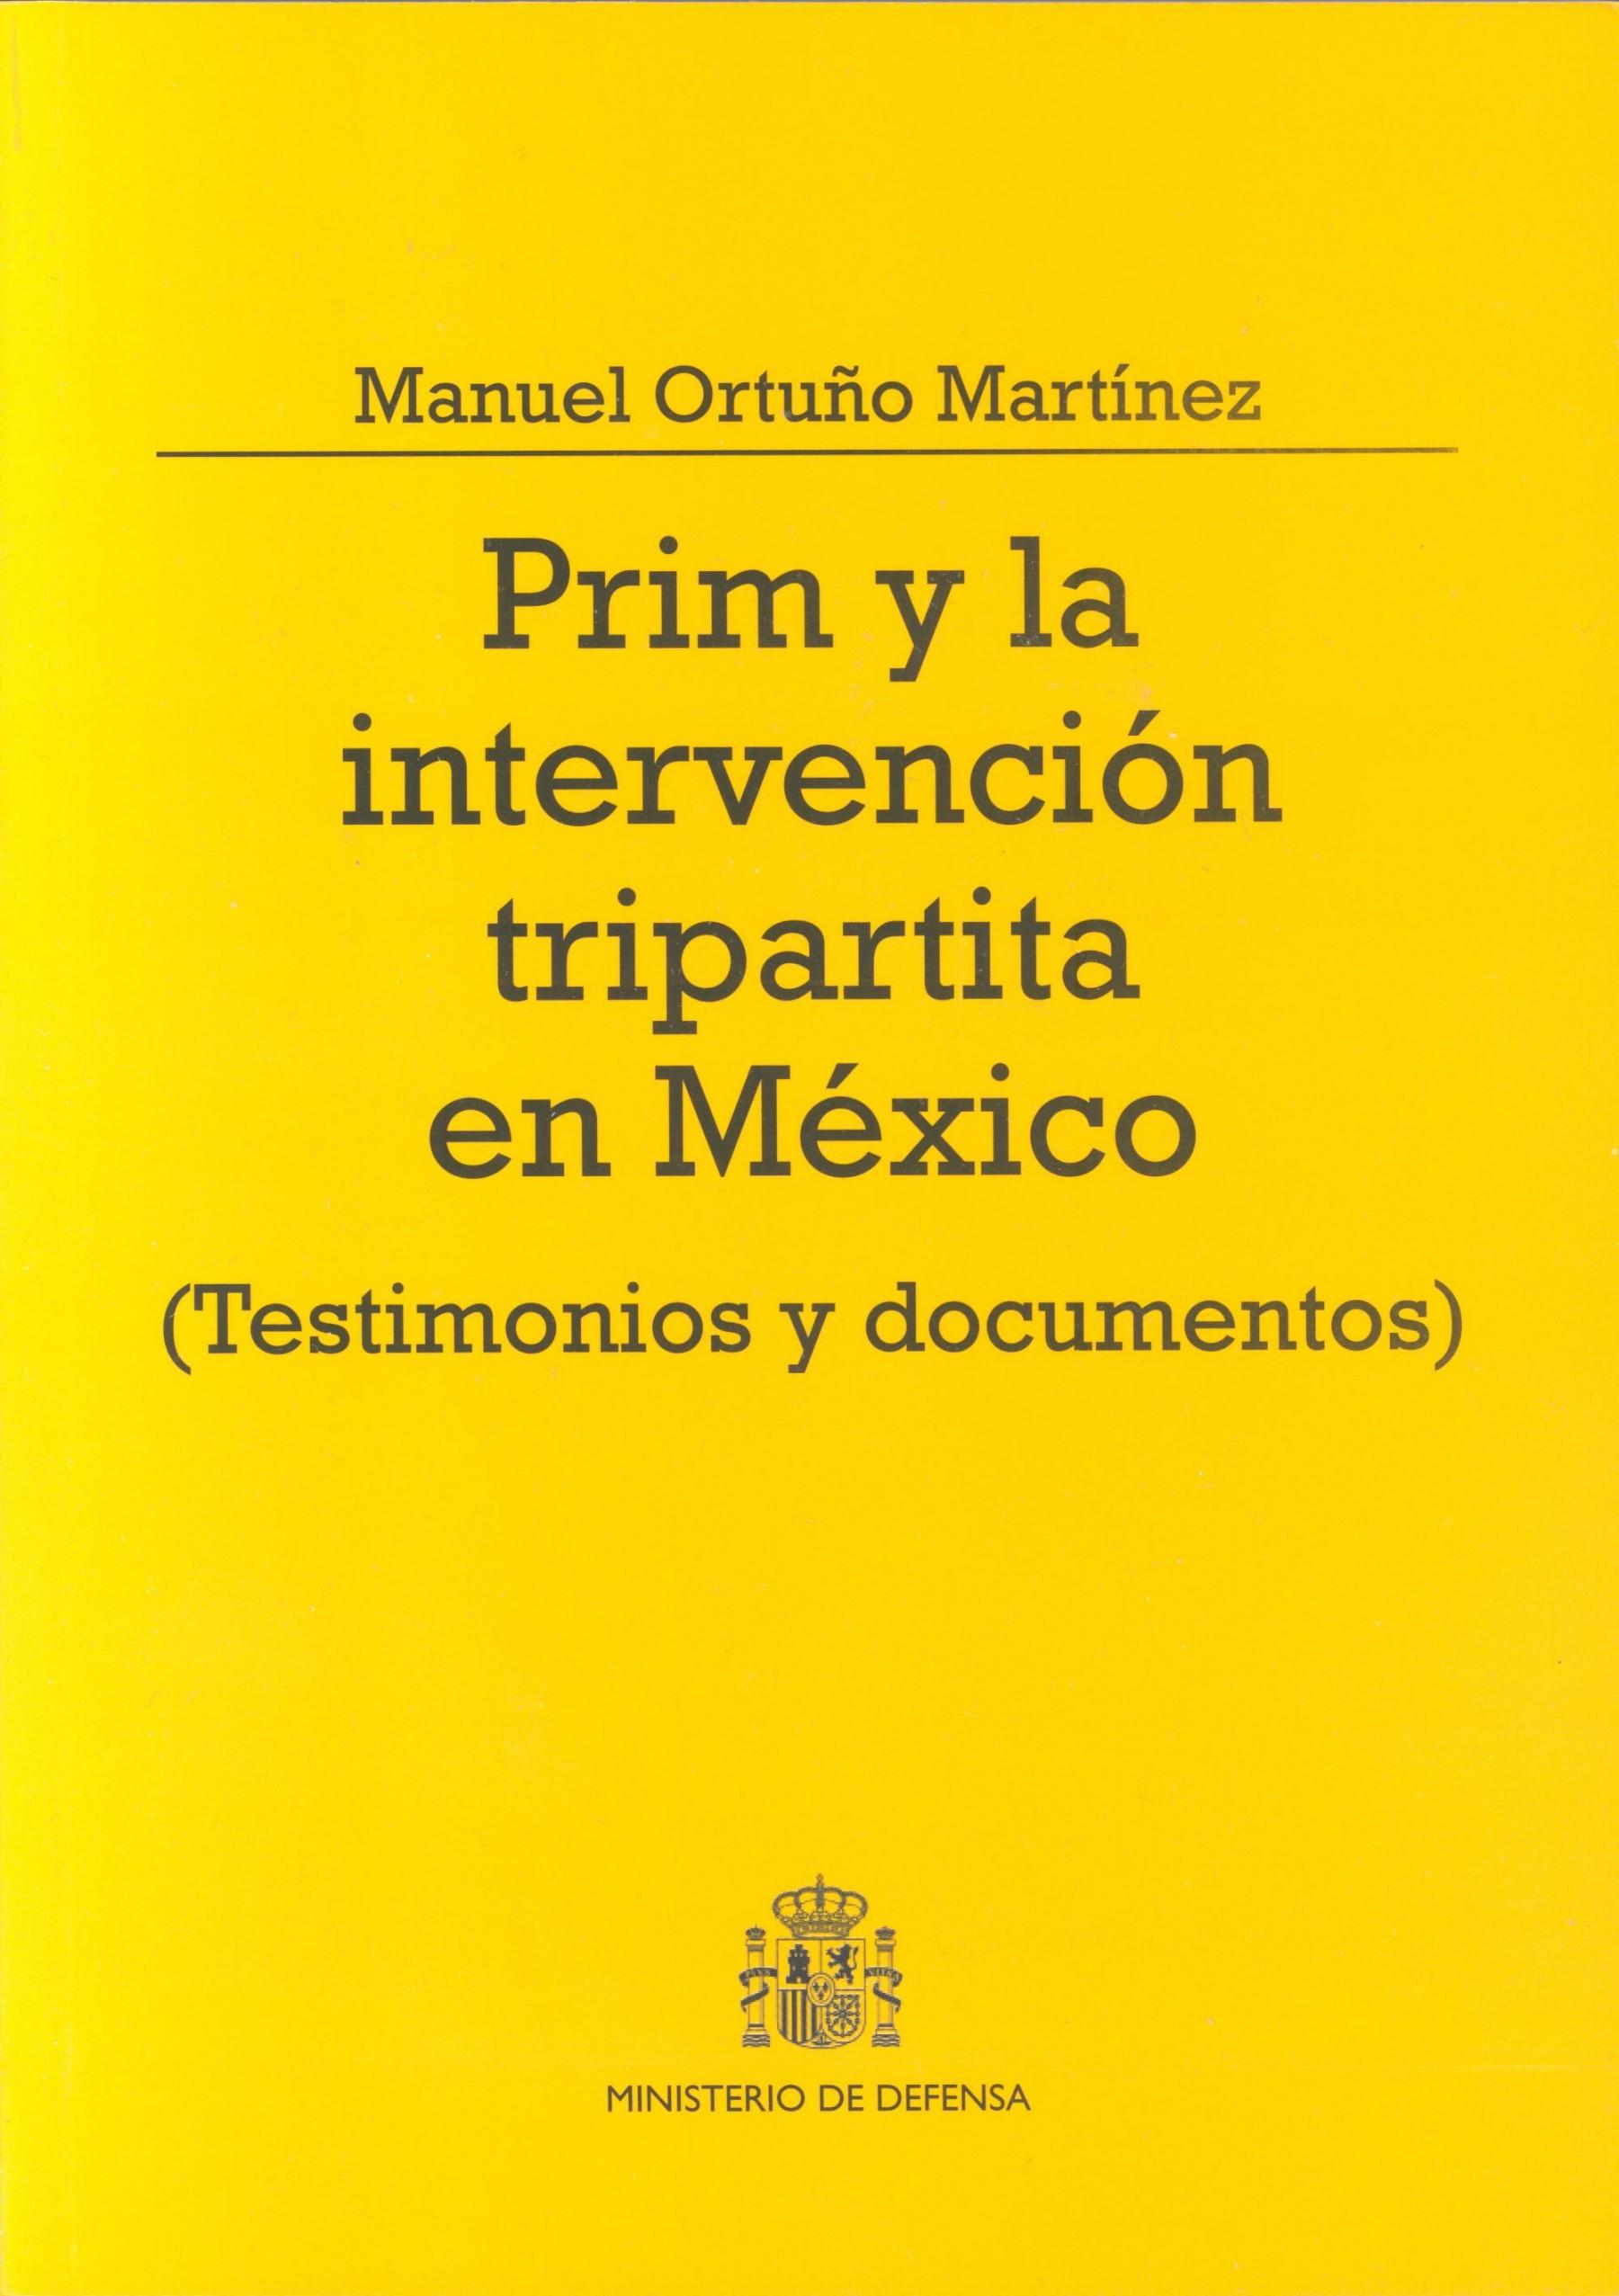 PRIM Y LA INTERVENCIÓN TRIPARTITA EN MÉXICO: TESTIMONIOS Y DOCUMENTOS